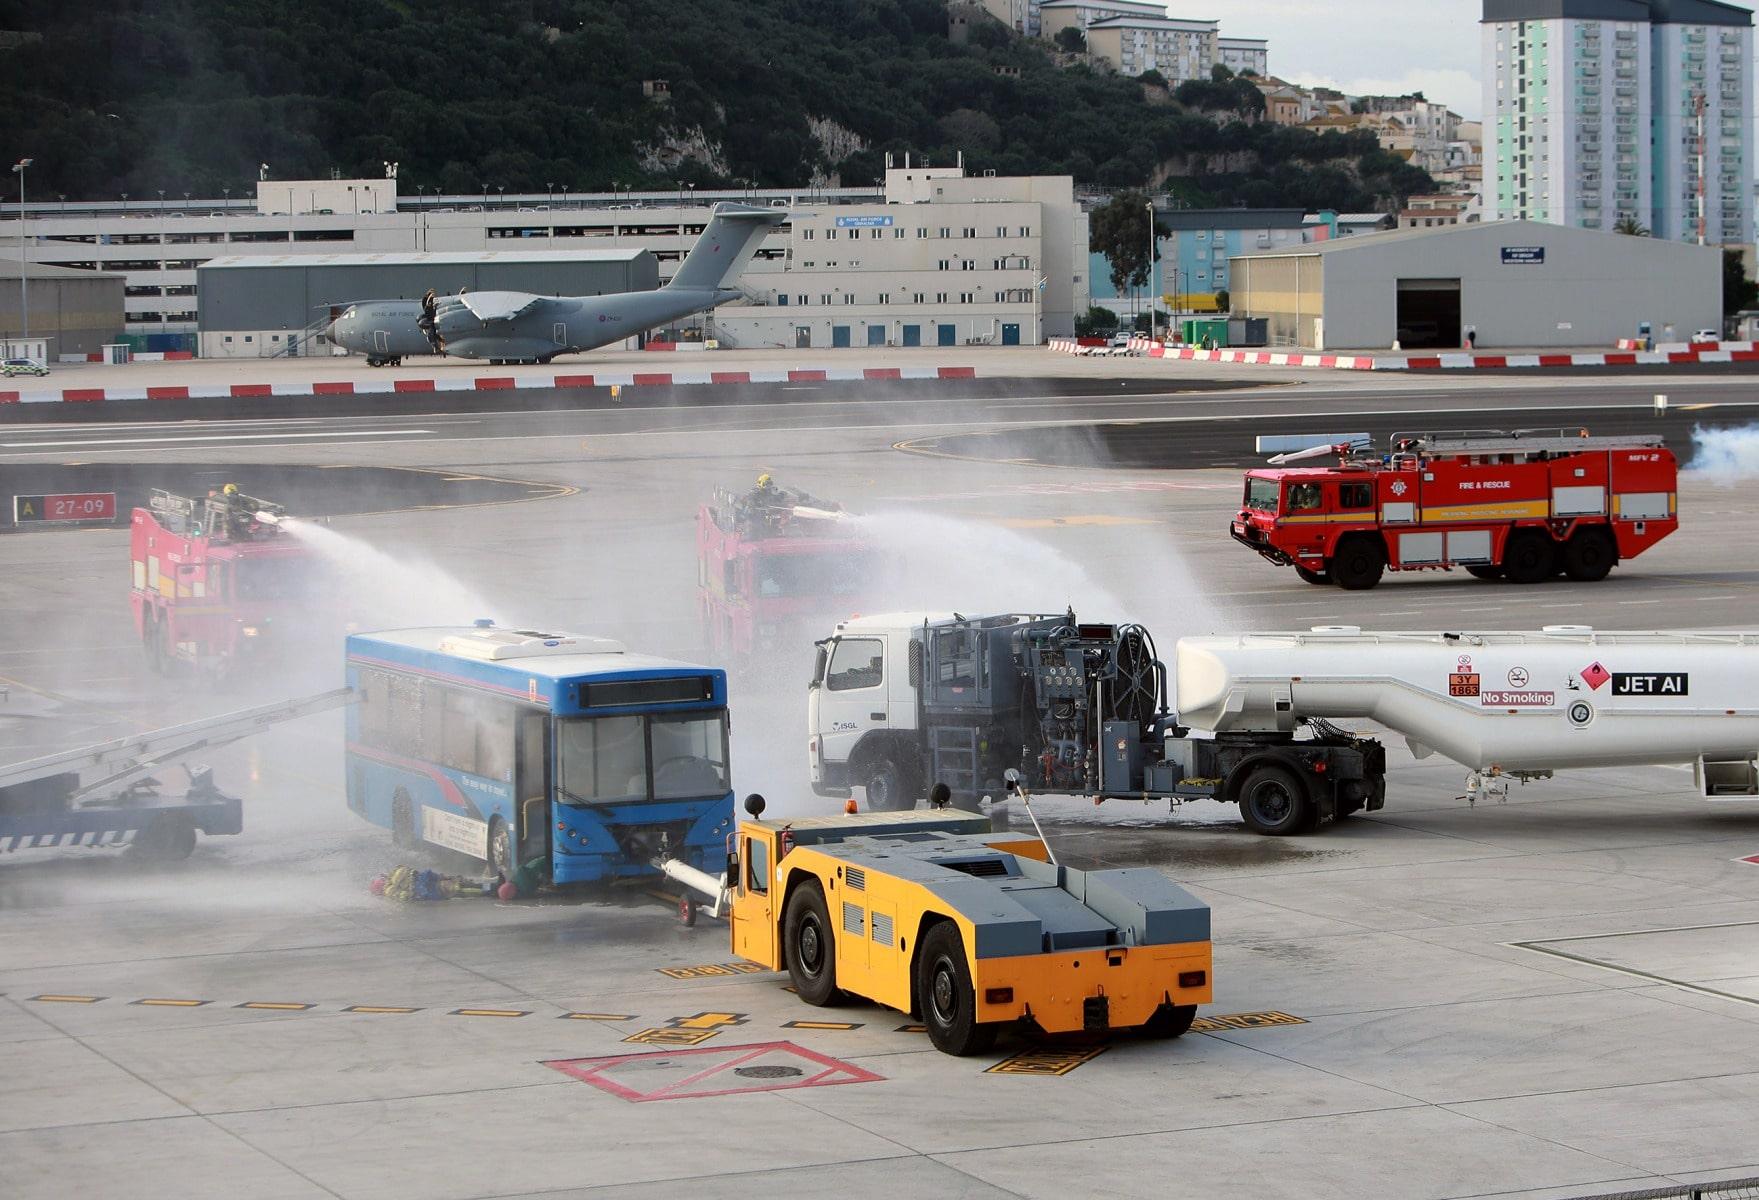 09-feb-2016-simulacro-de-incidente-en-el-aeropuerto-de-gibraltar_24888688136_o